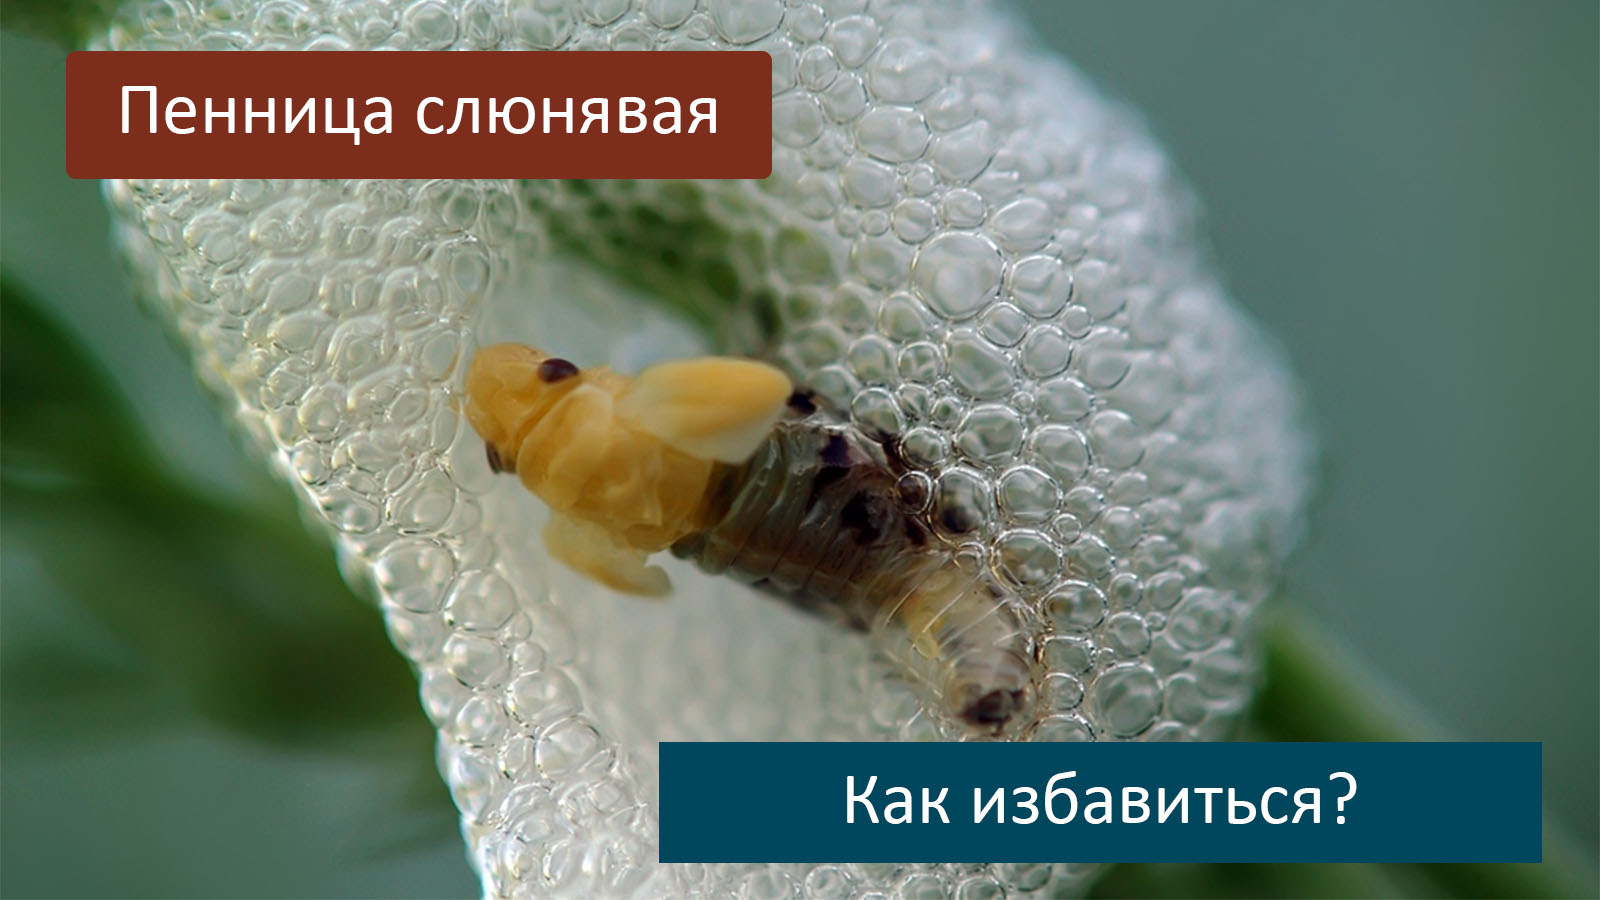 Особенности пенницы ольховой: рацион питания, ареал обитания и вред для растений